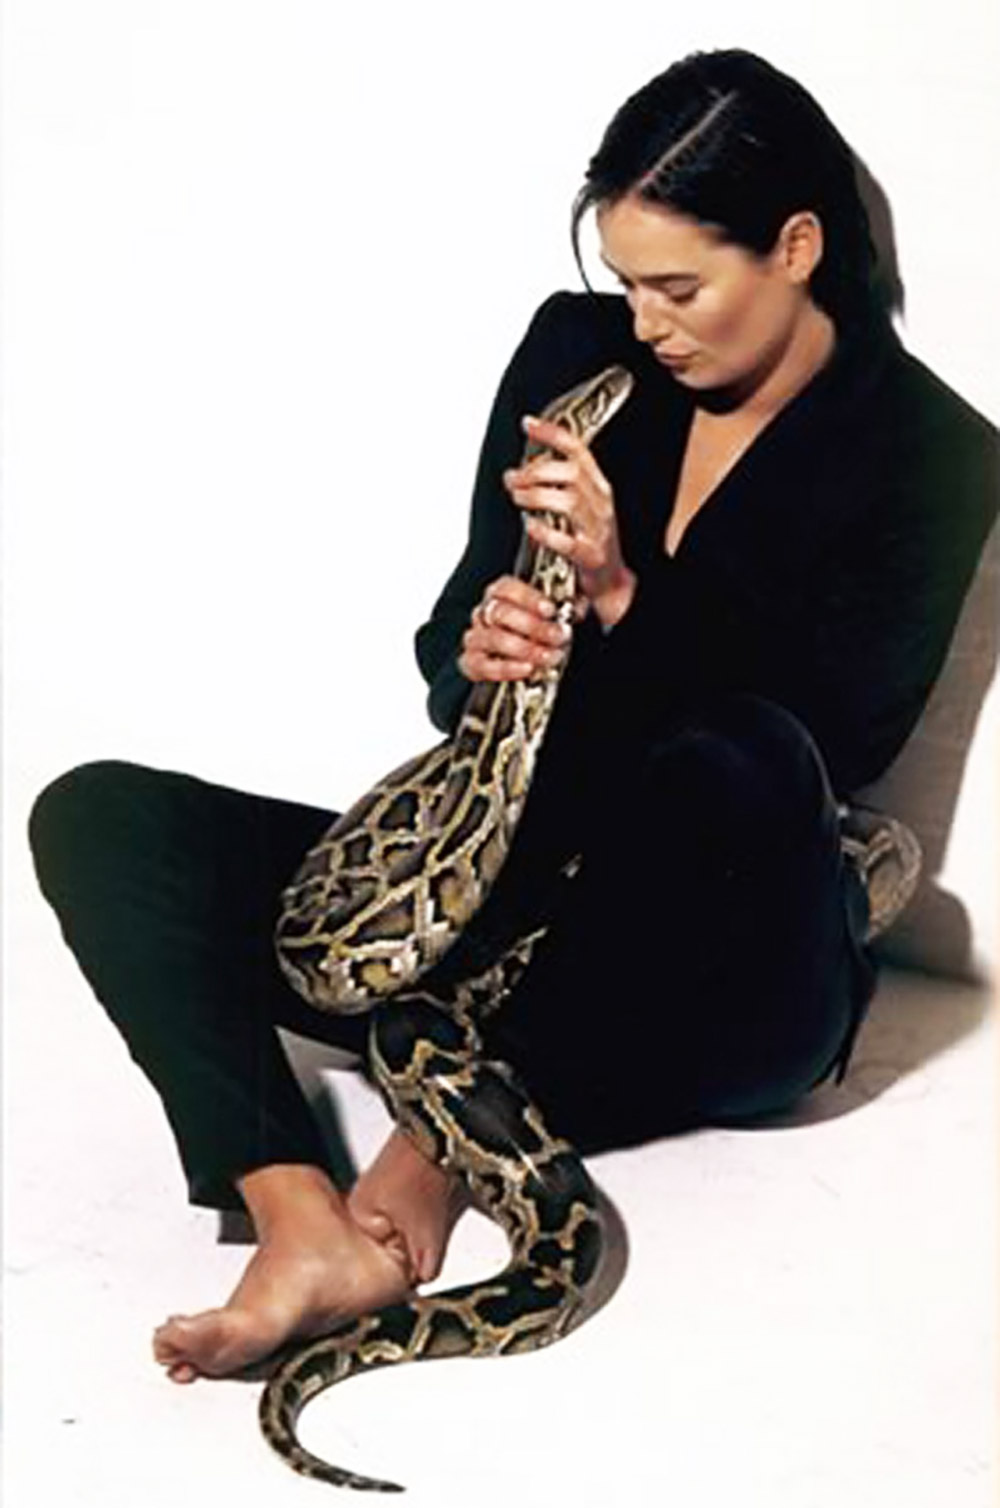 lena headey hot with snake